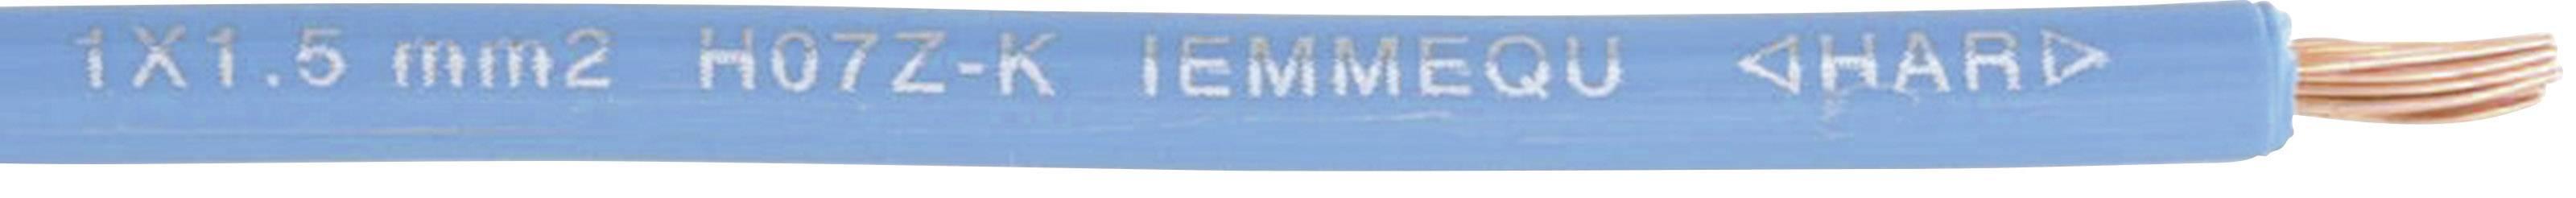 Opletenie / lanko Faber Kabel 040274 H07Z-K, 1 x 4 mm², vonkajší Ø 4.40 mm, 100 m, zelenožltá